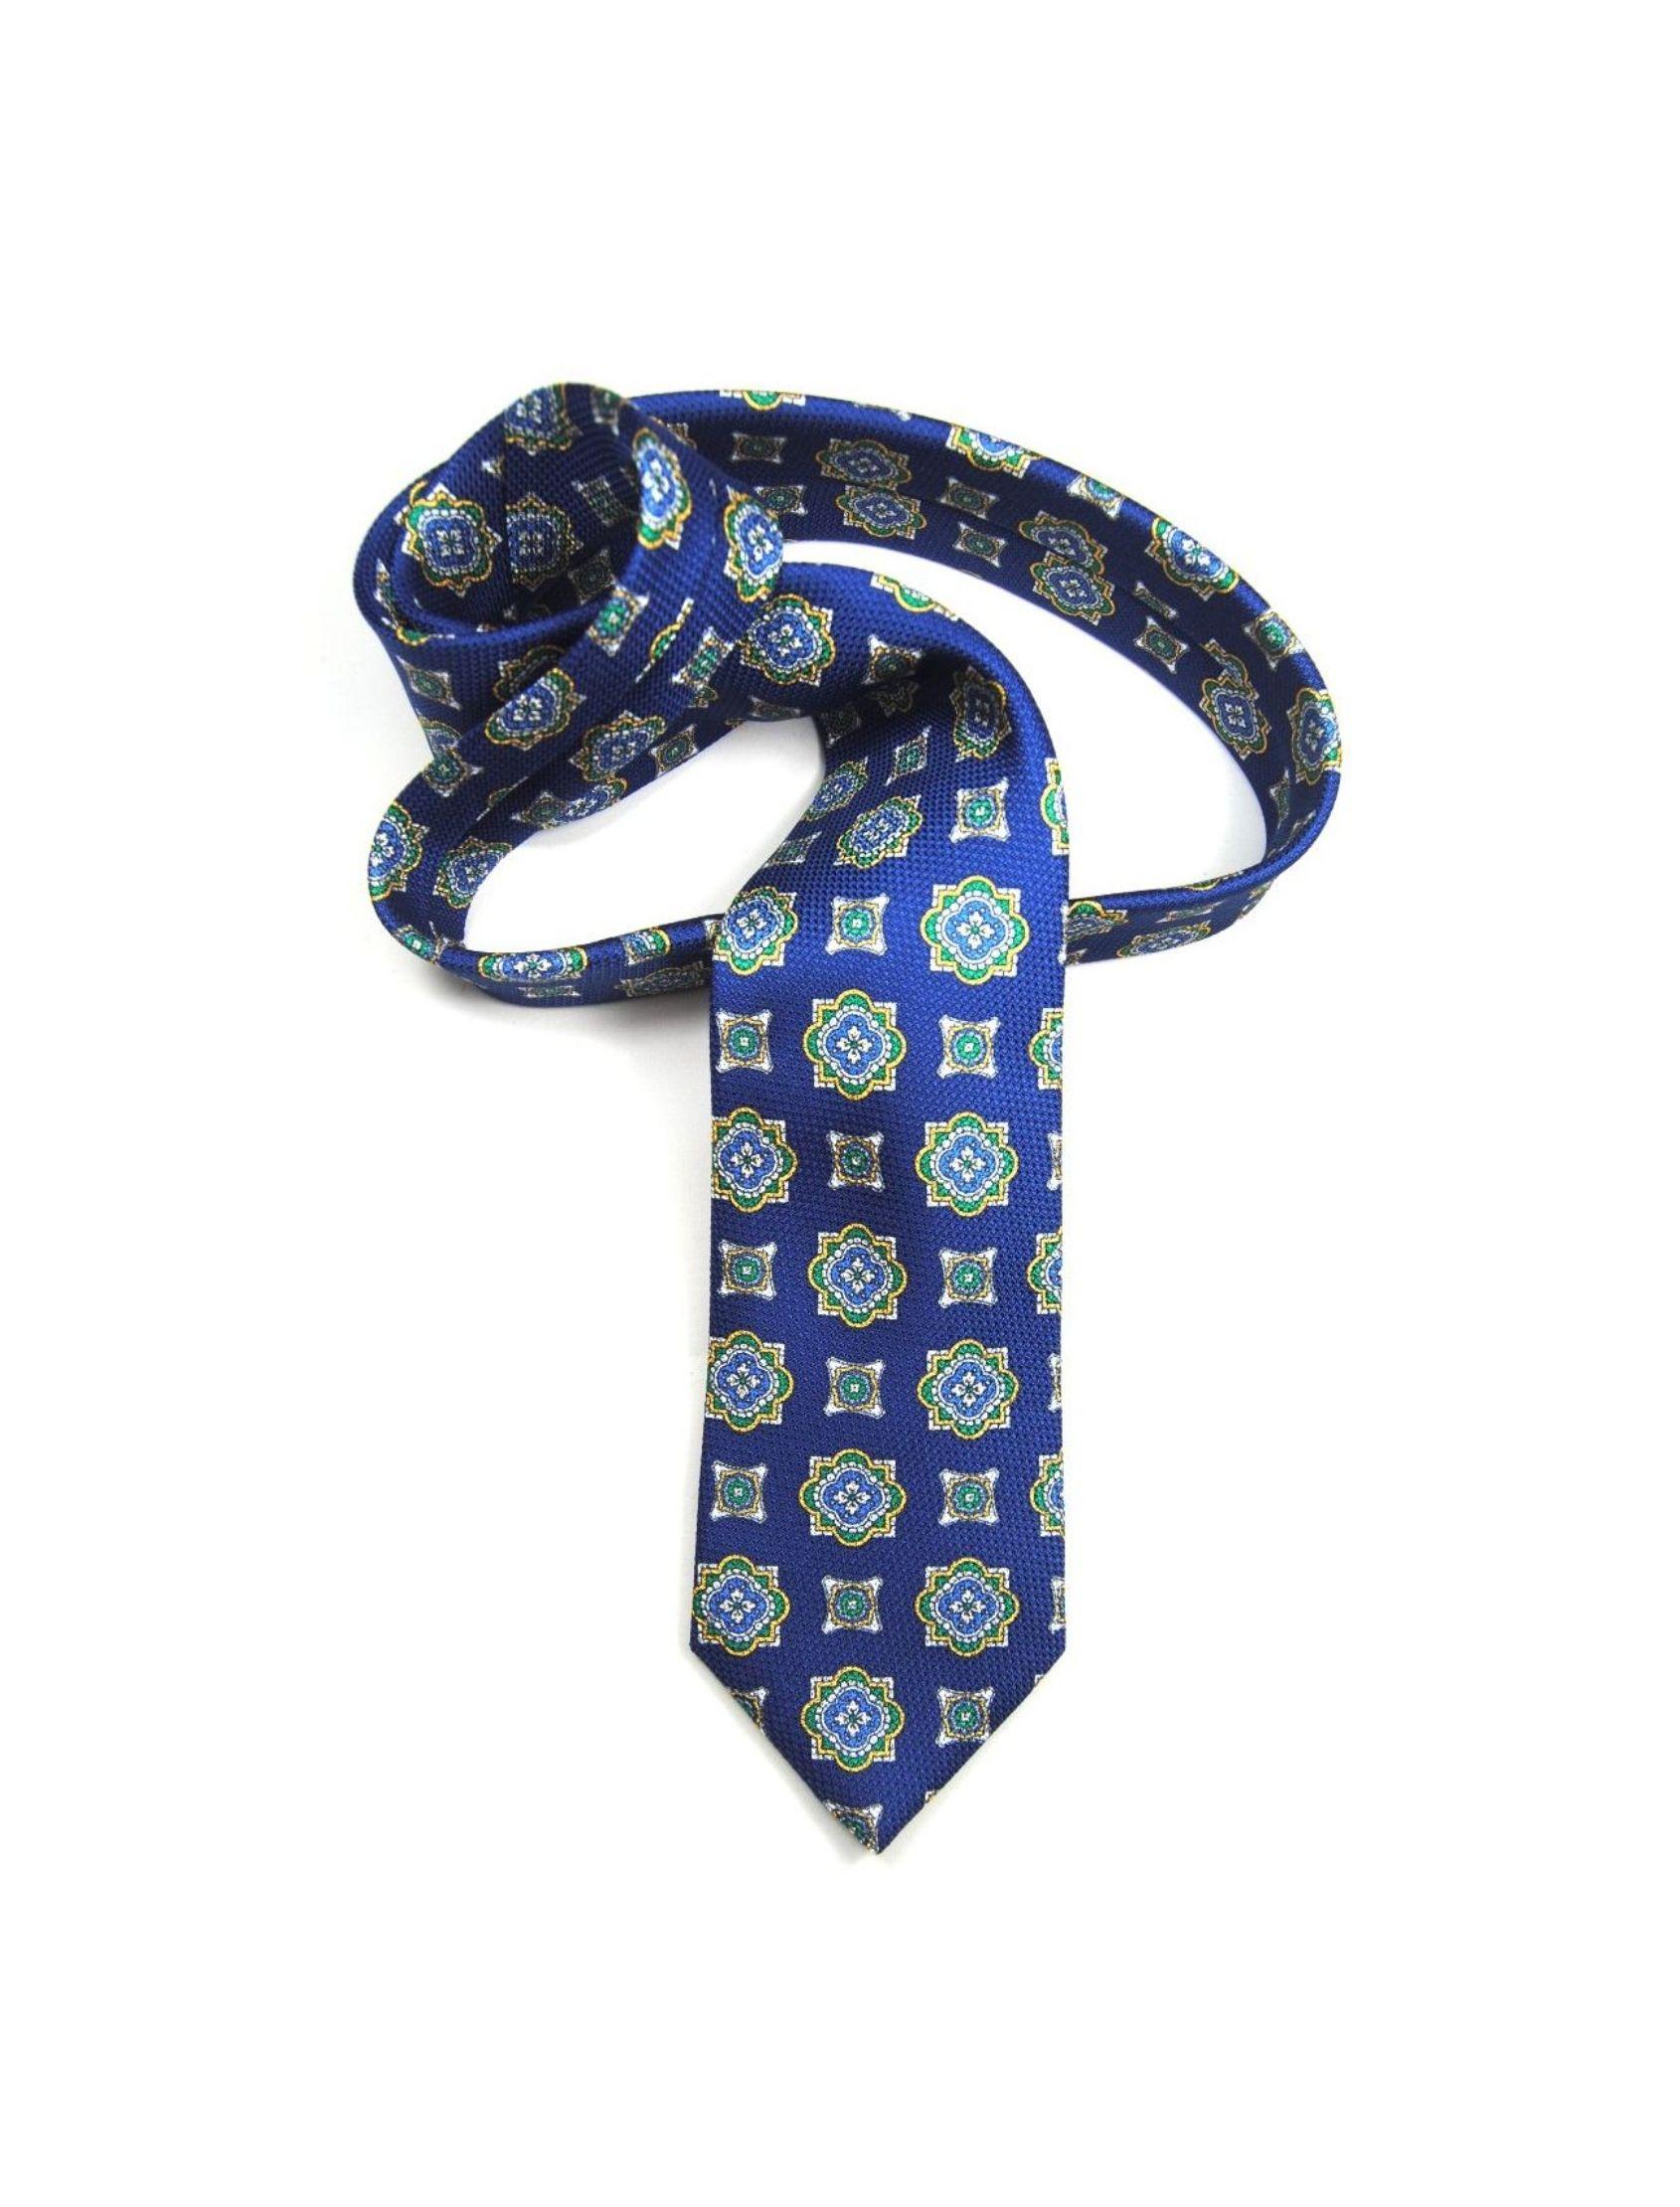 corbata hombre en azul con estampado geométrico multicolor